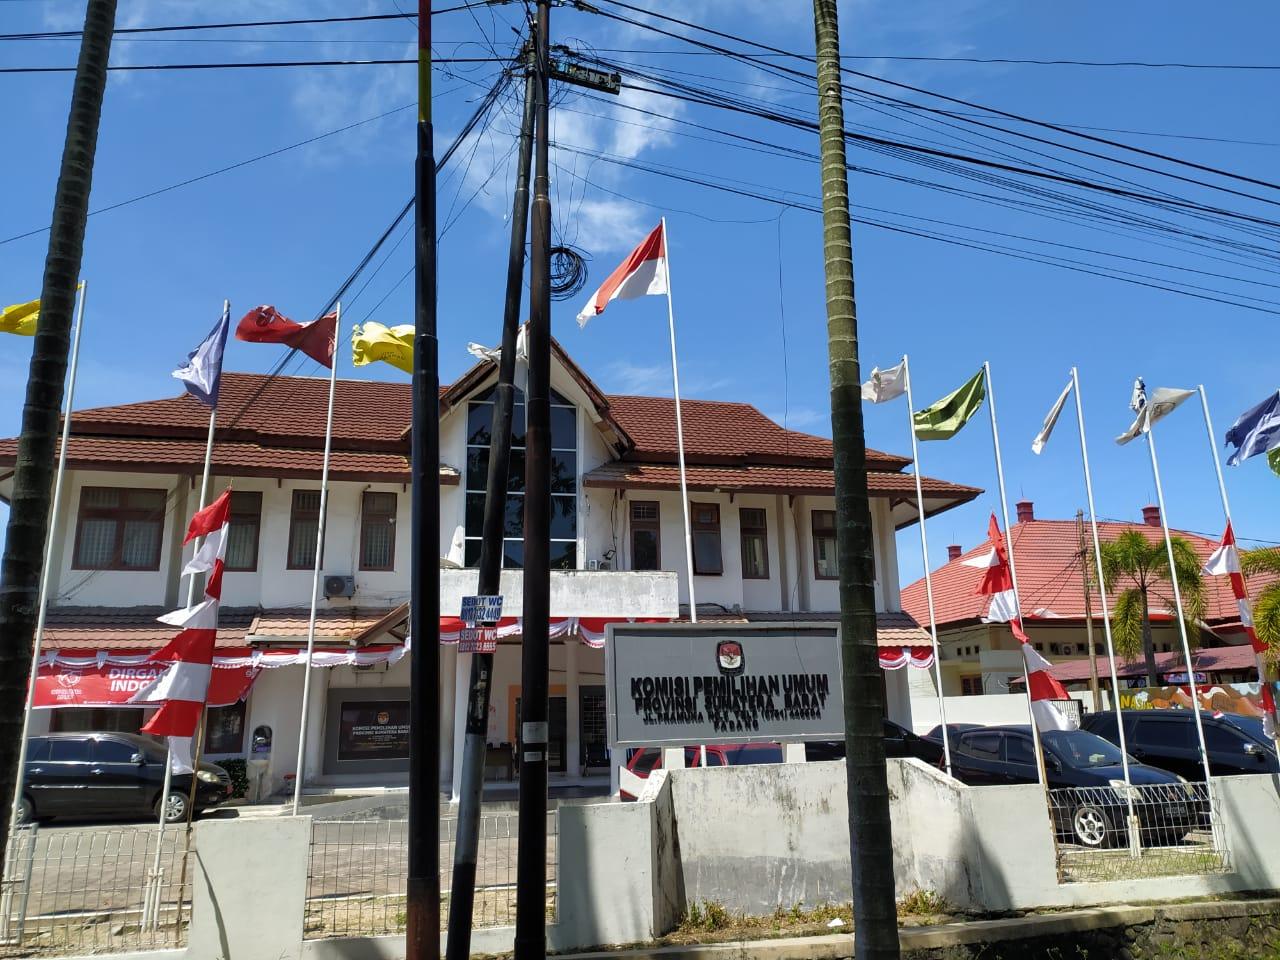 Gedung KPU Sumatera Barat, Padang. Foto : Wawan Setiawan